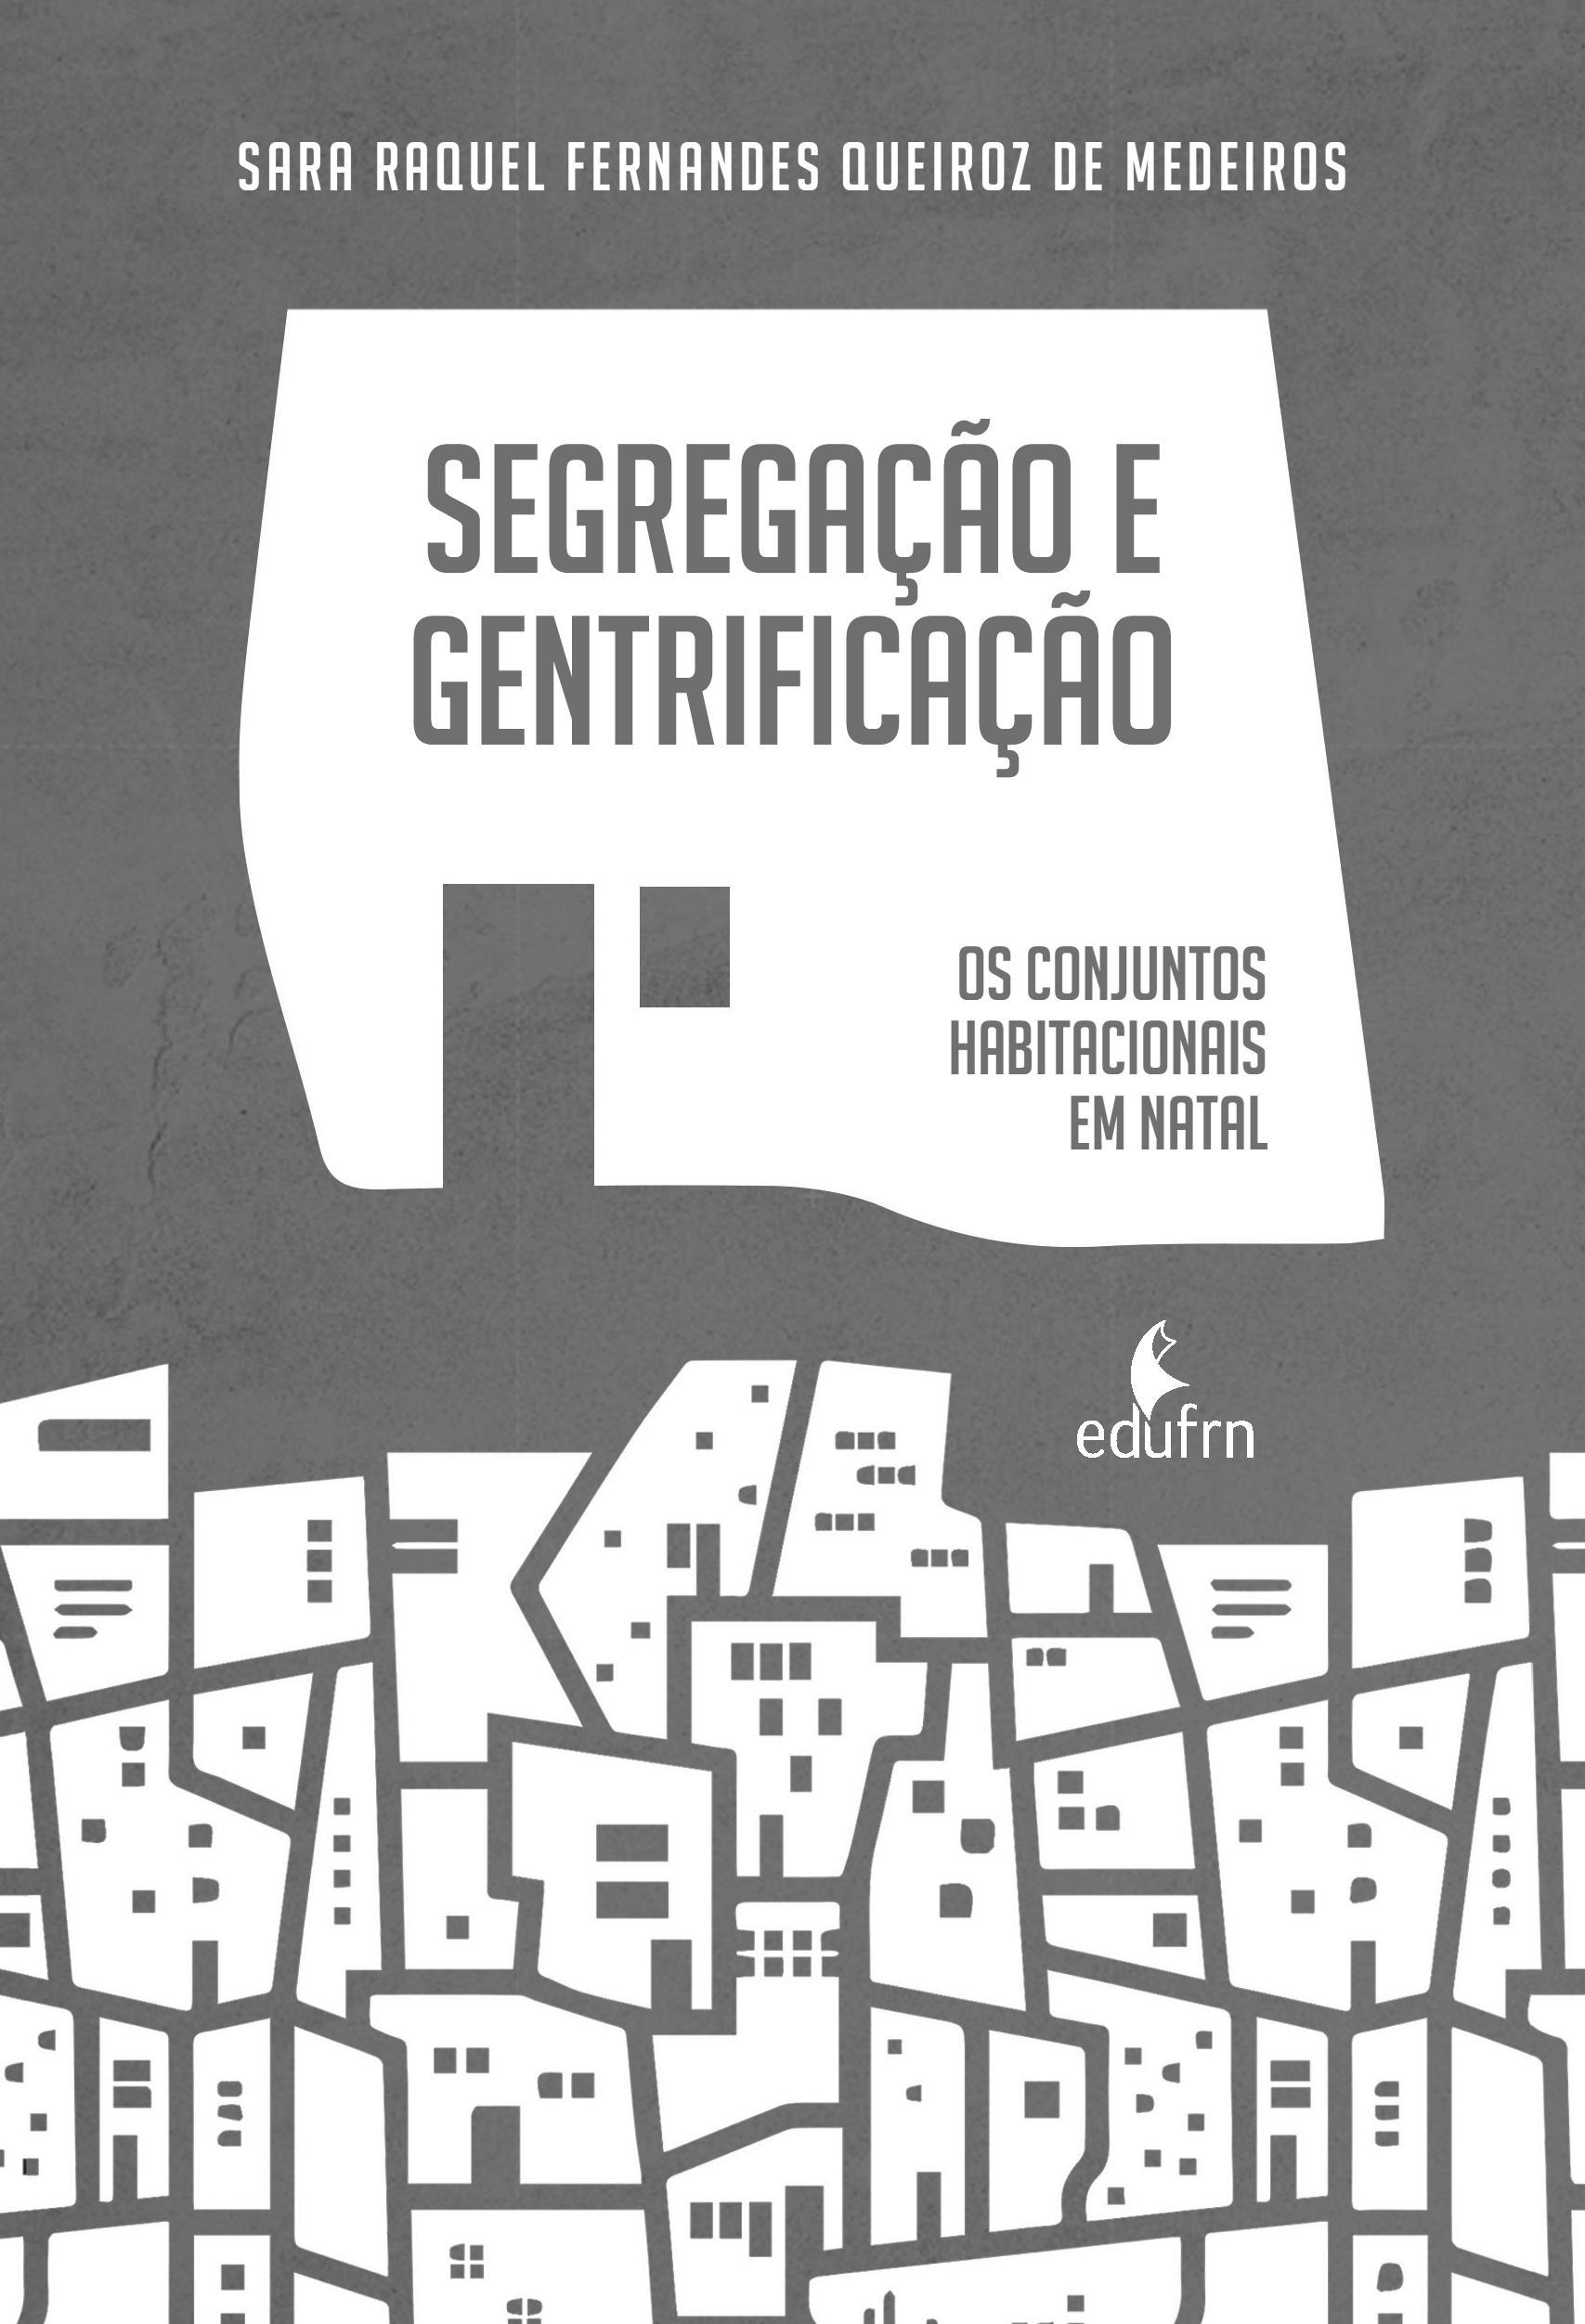 Segregação E Gentrificação